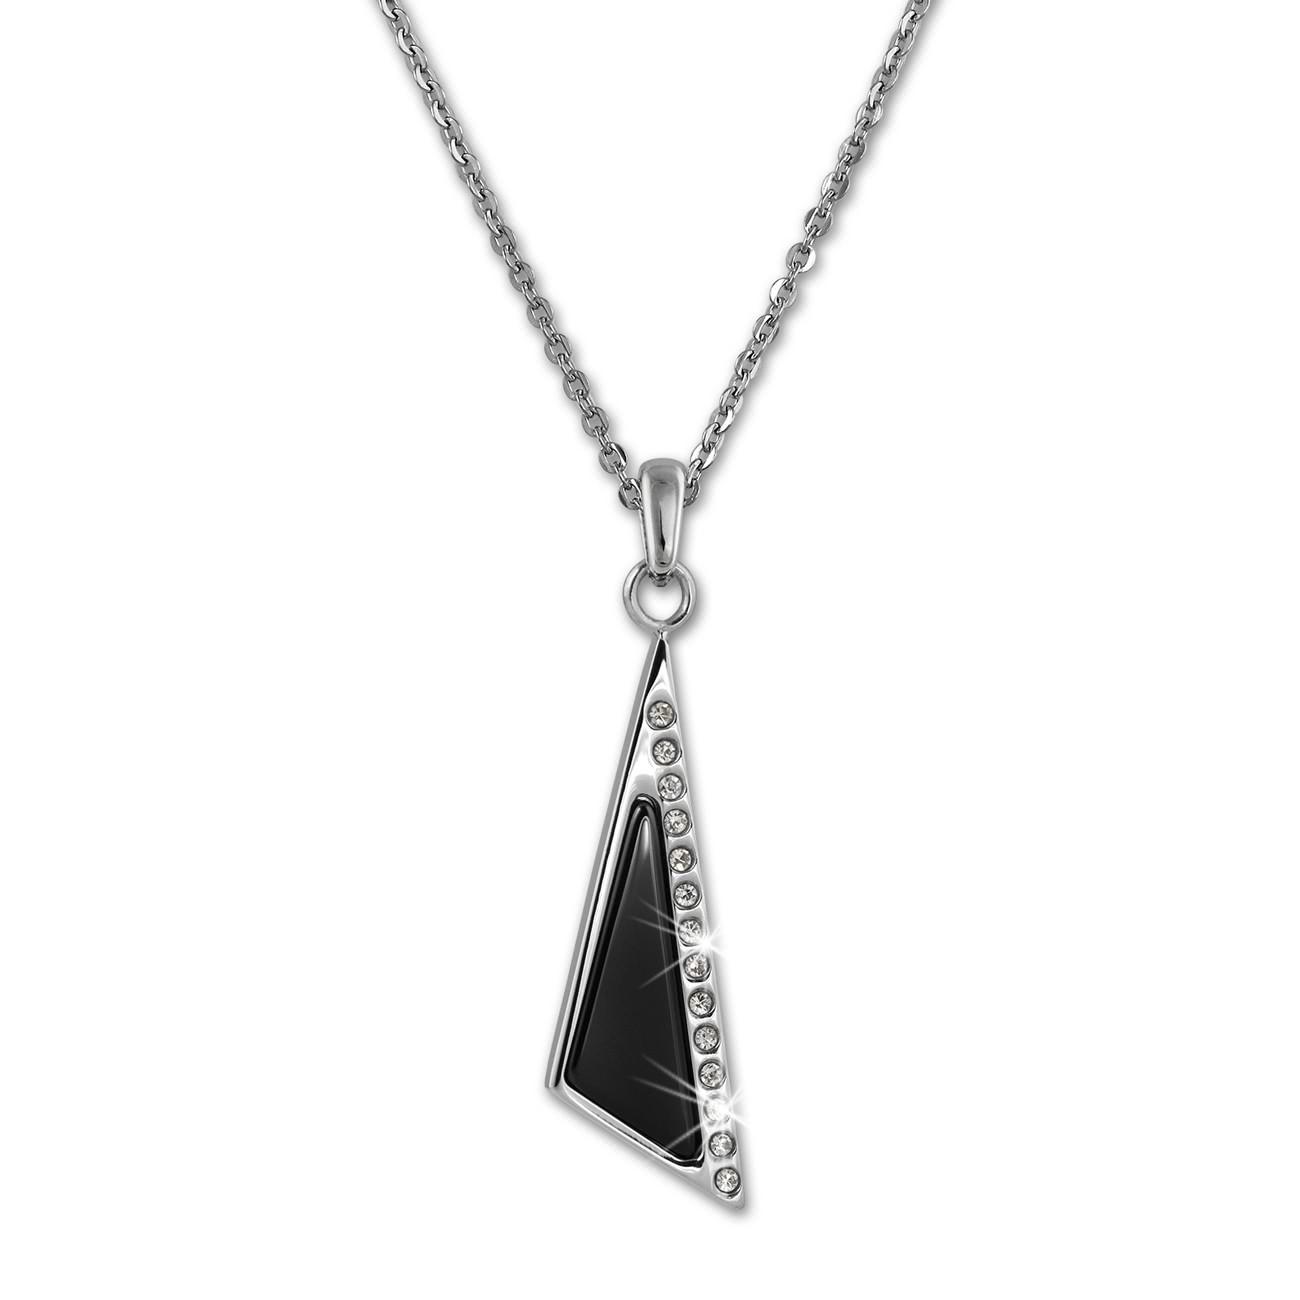 Amello Halskette Keramik Zirkonia schwarz Damen Edelstahlschmuck ESKX43S5